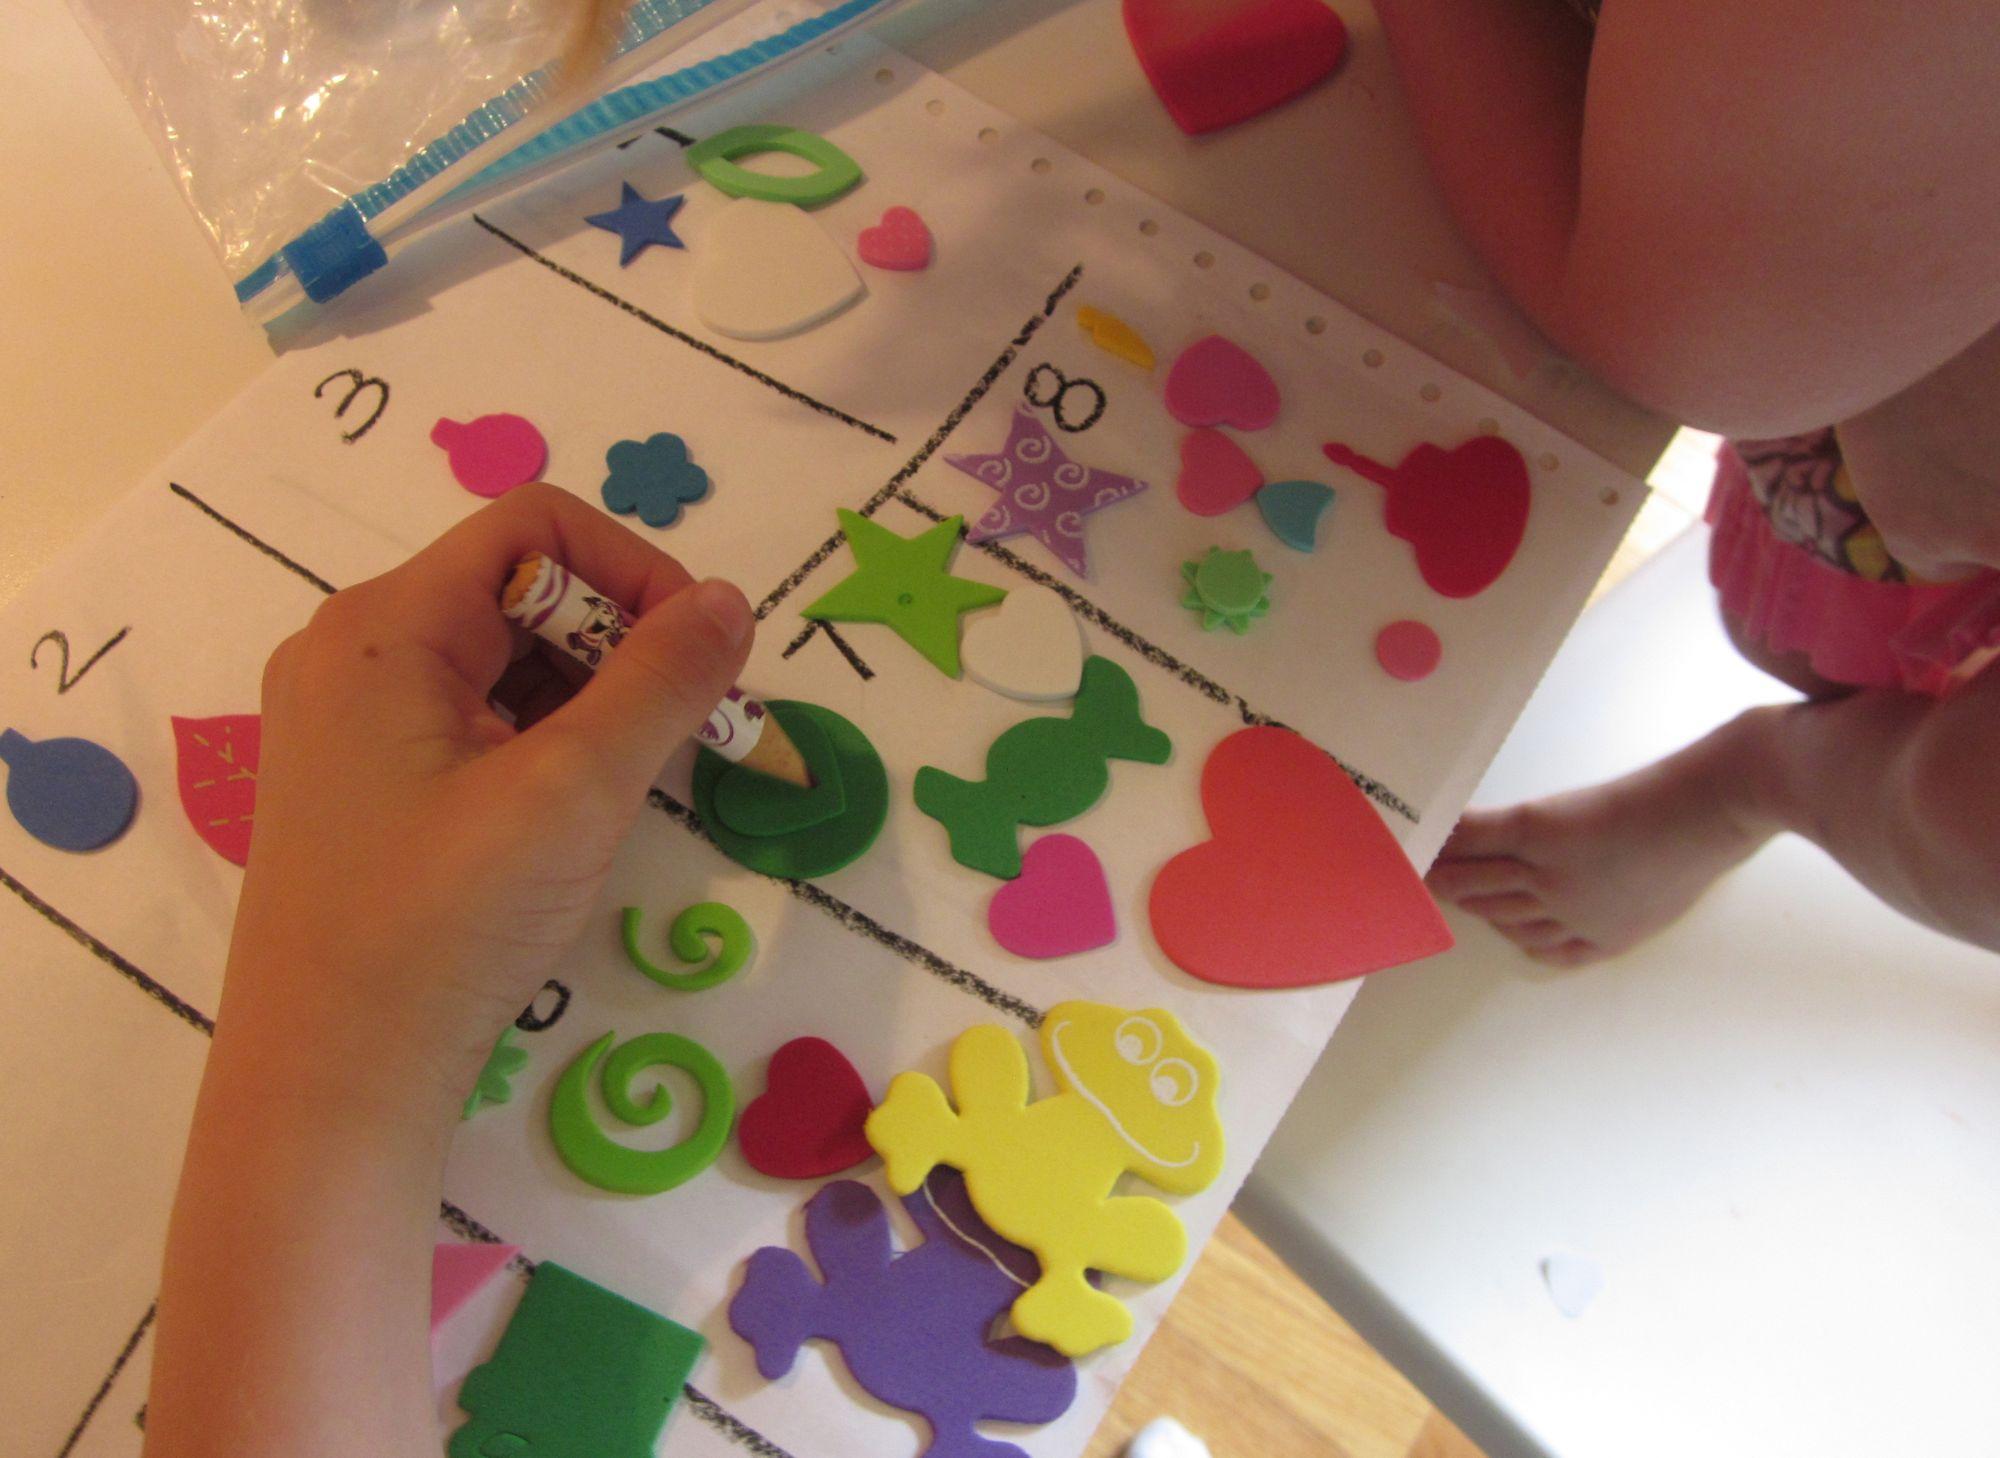 Gettting Ready For Kindergarten Summertime Prep